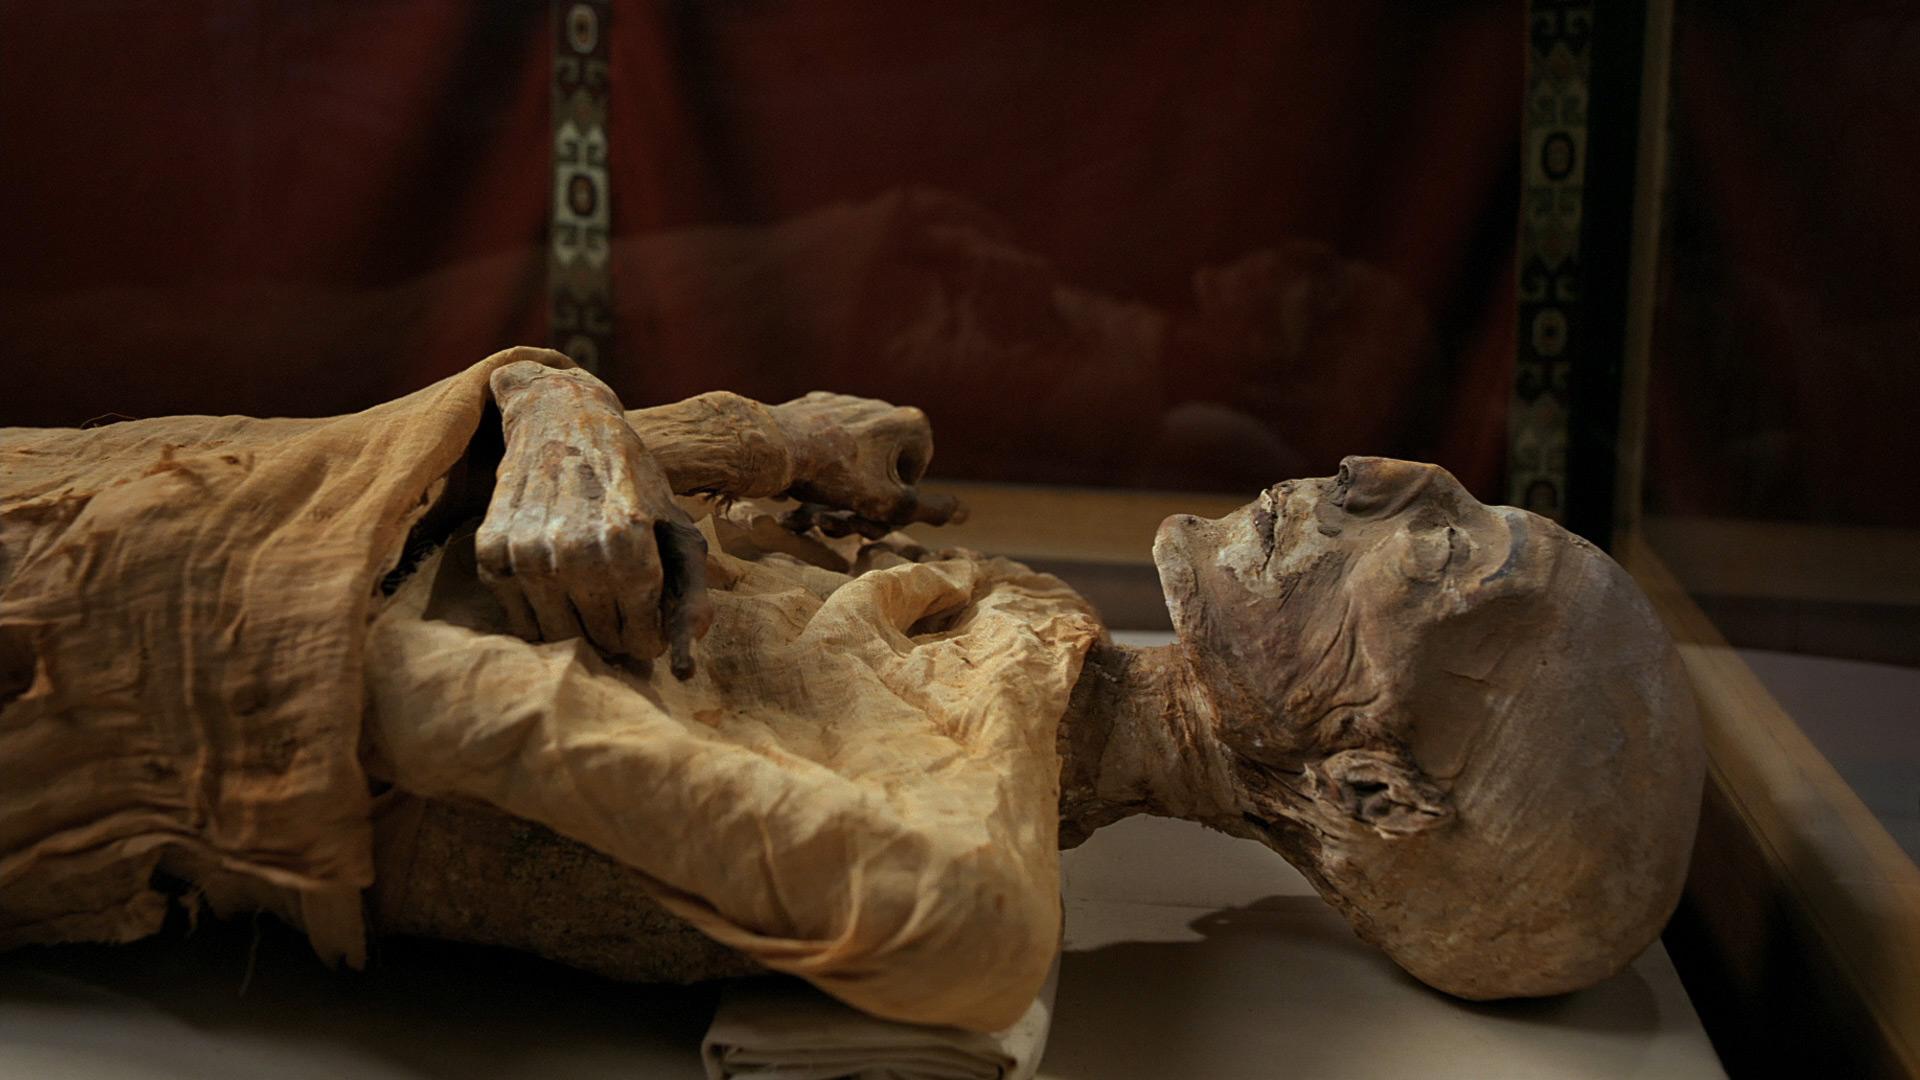 ЖЕСТЬ! Охранник музея изнасиловал самую старую бабушку. Она под ним рассыпалась